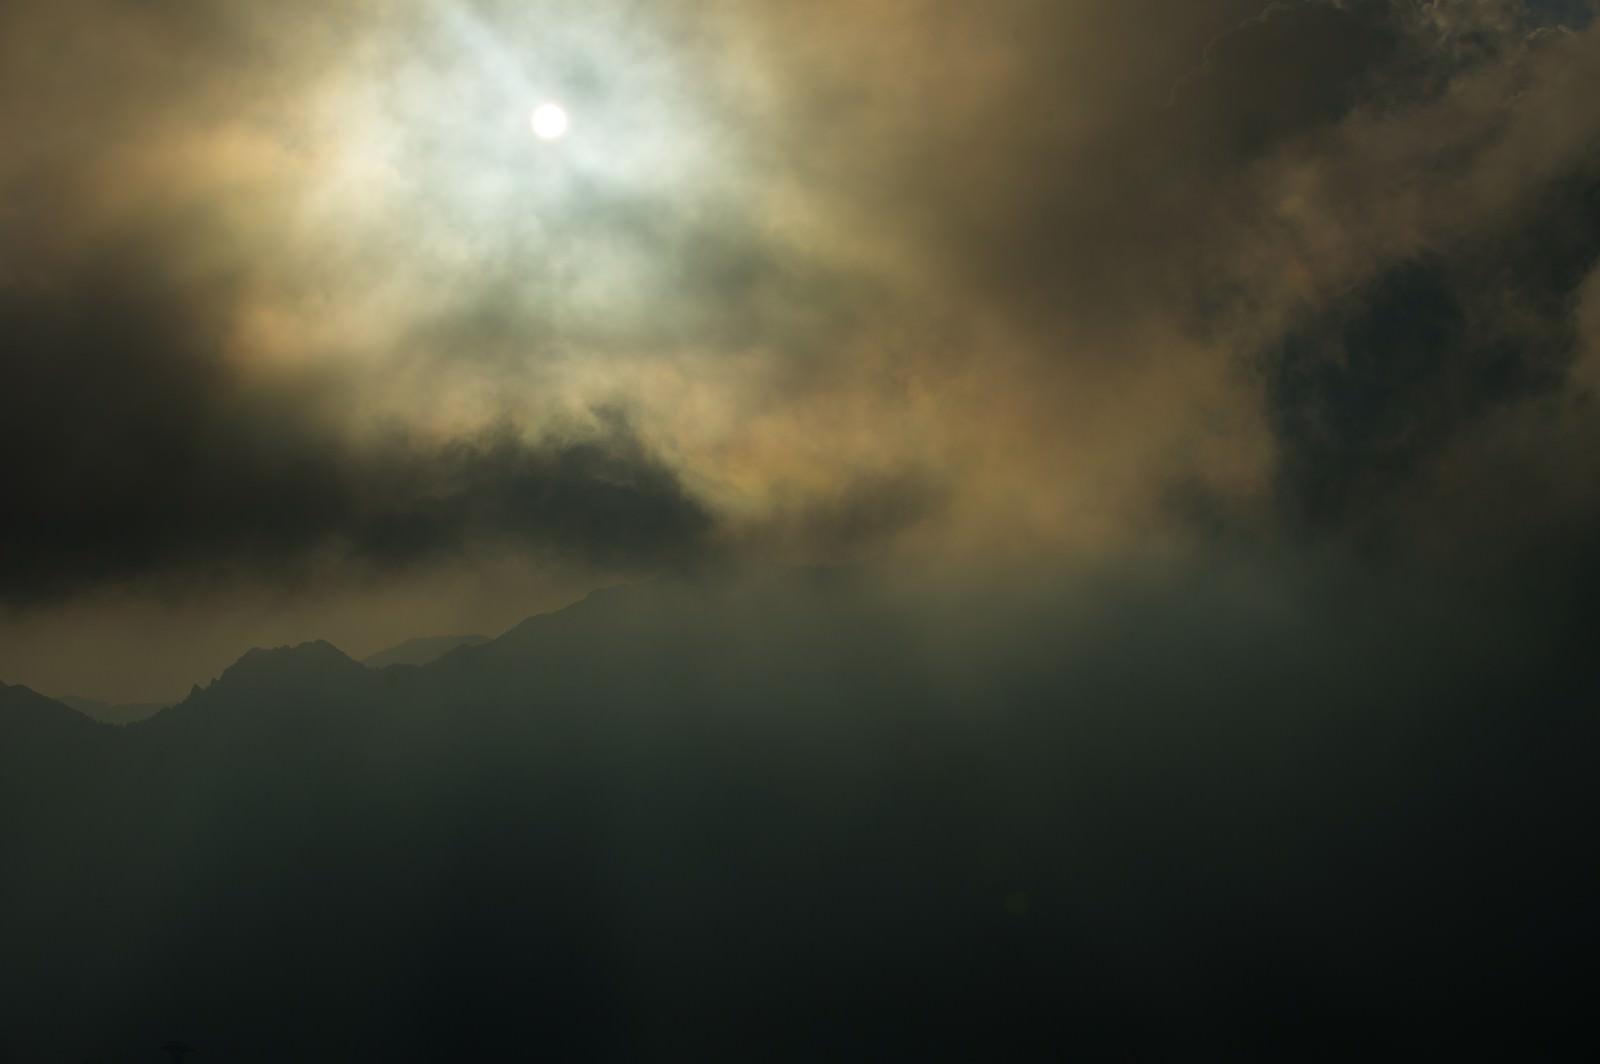 「ガス中の北アルプスから現れた月明かりガス中の北アルプスから現れた月明かり」のフリー写真素材を拡大